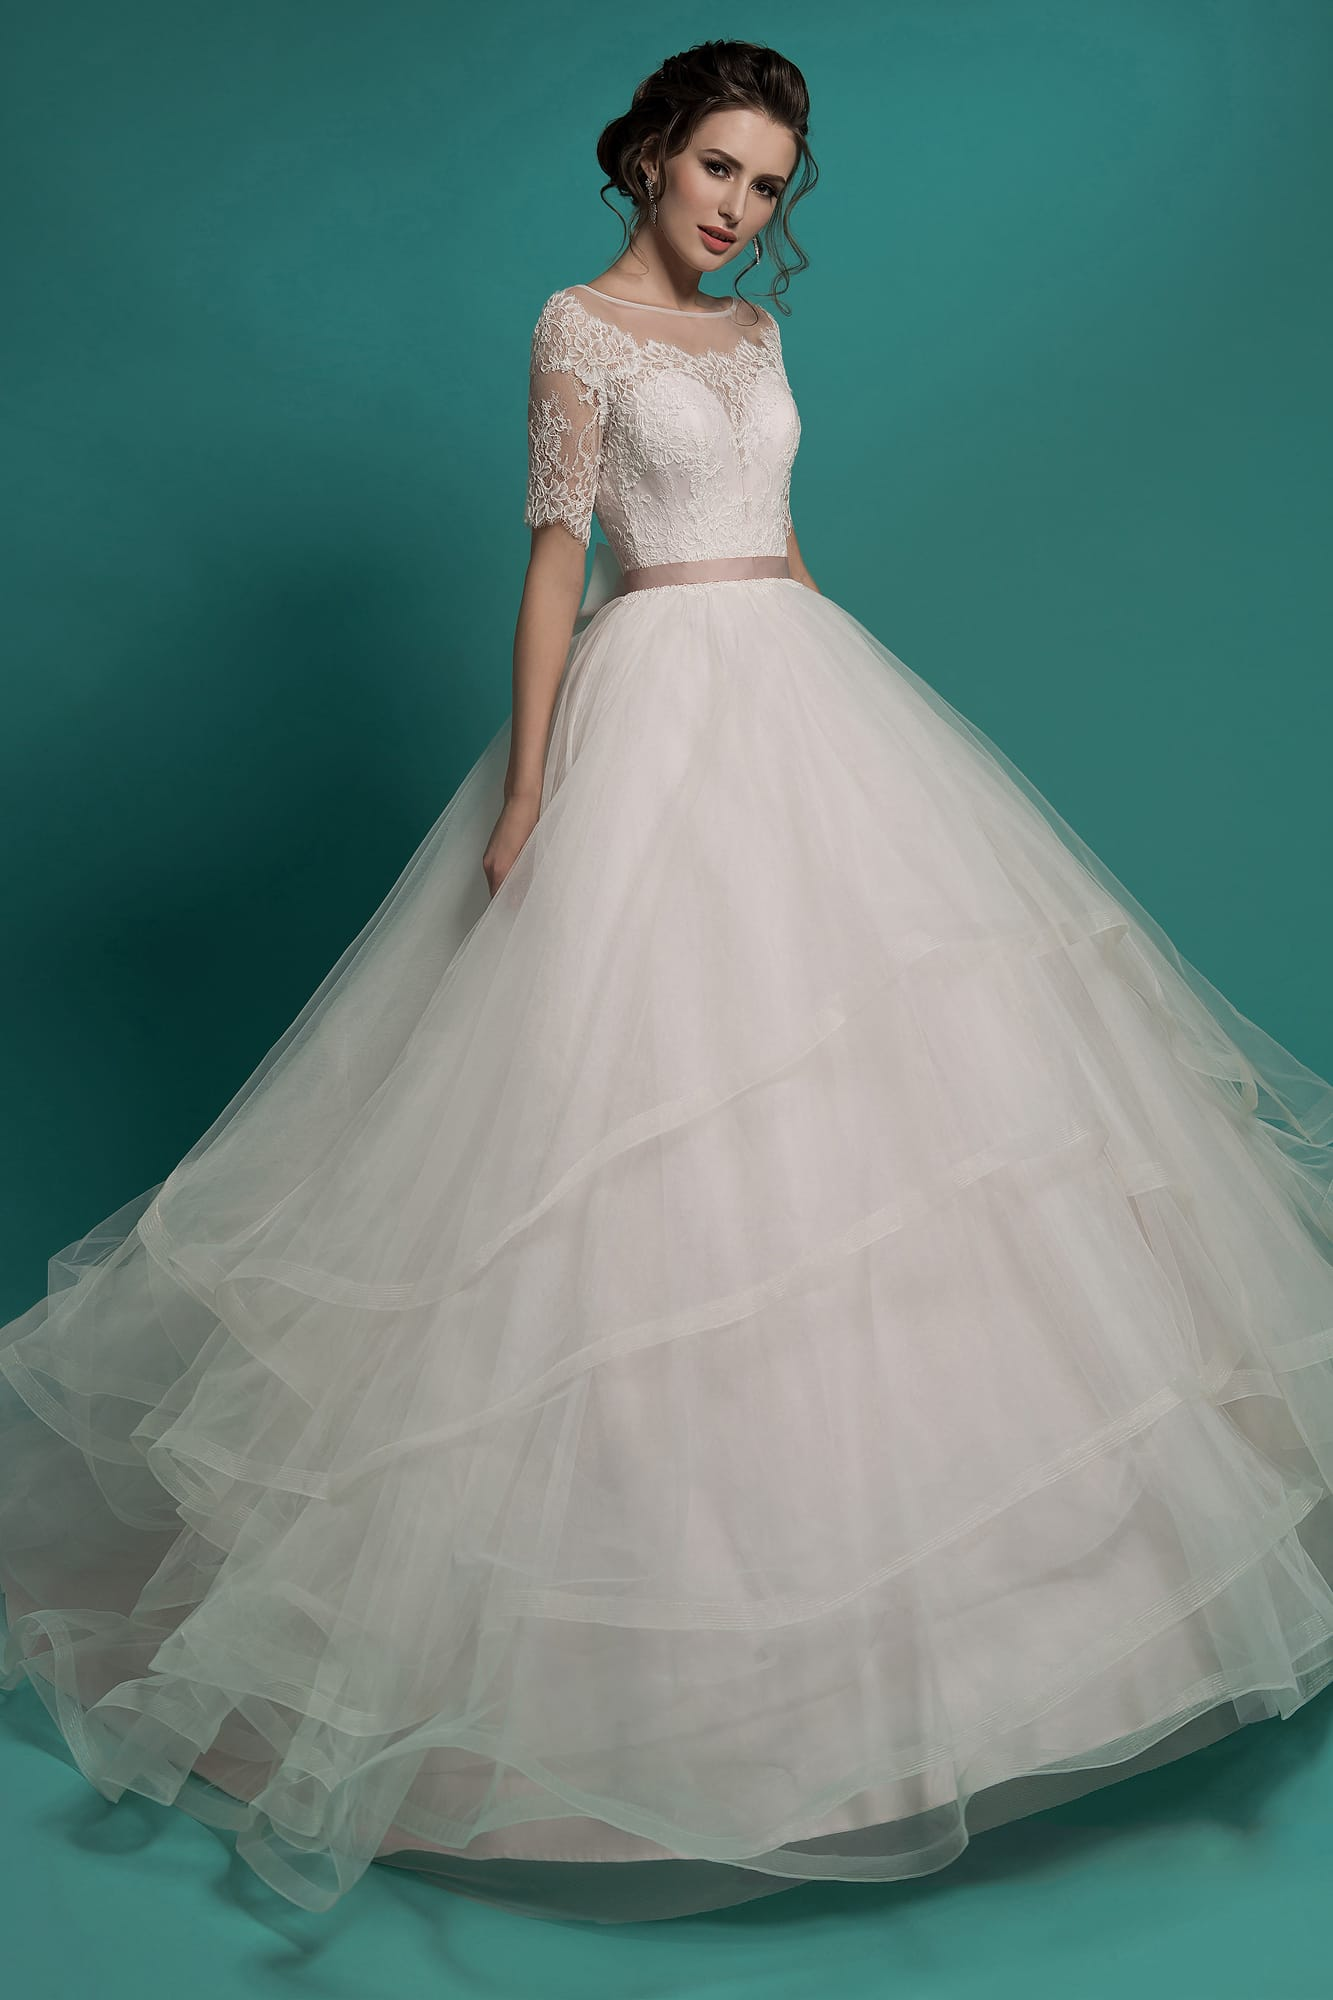 Свадебное платье у блэр